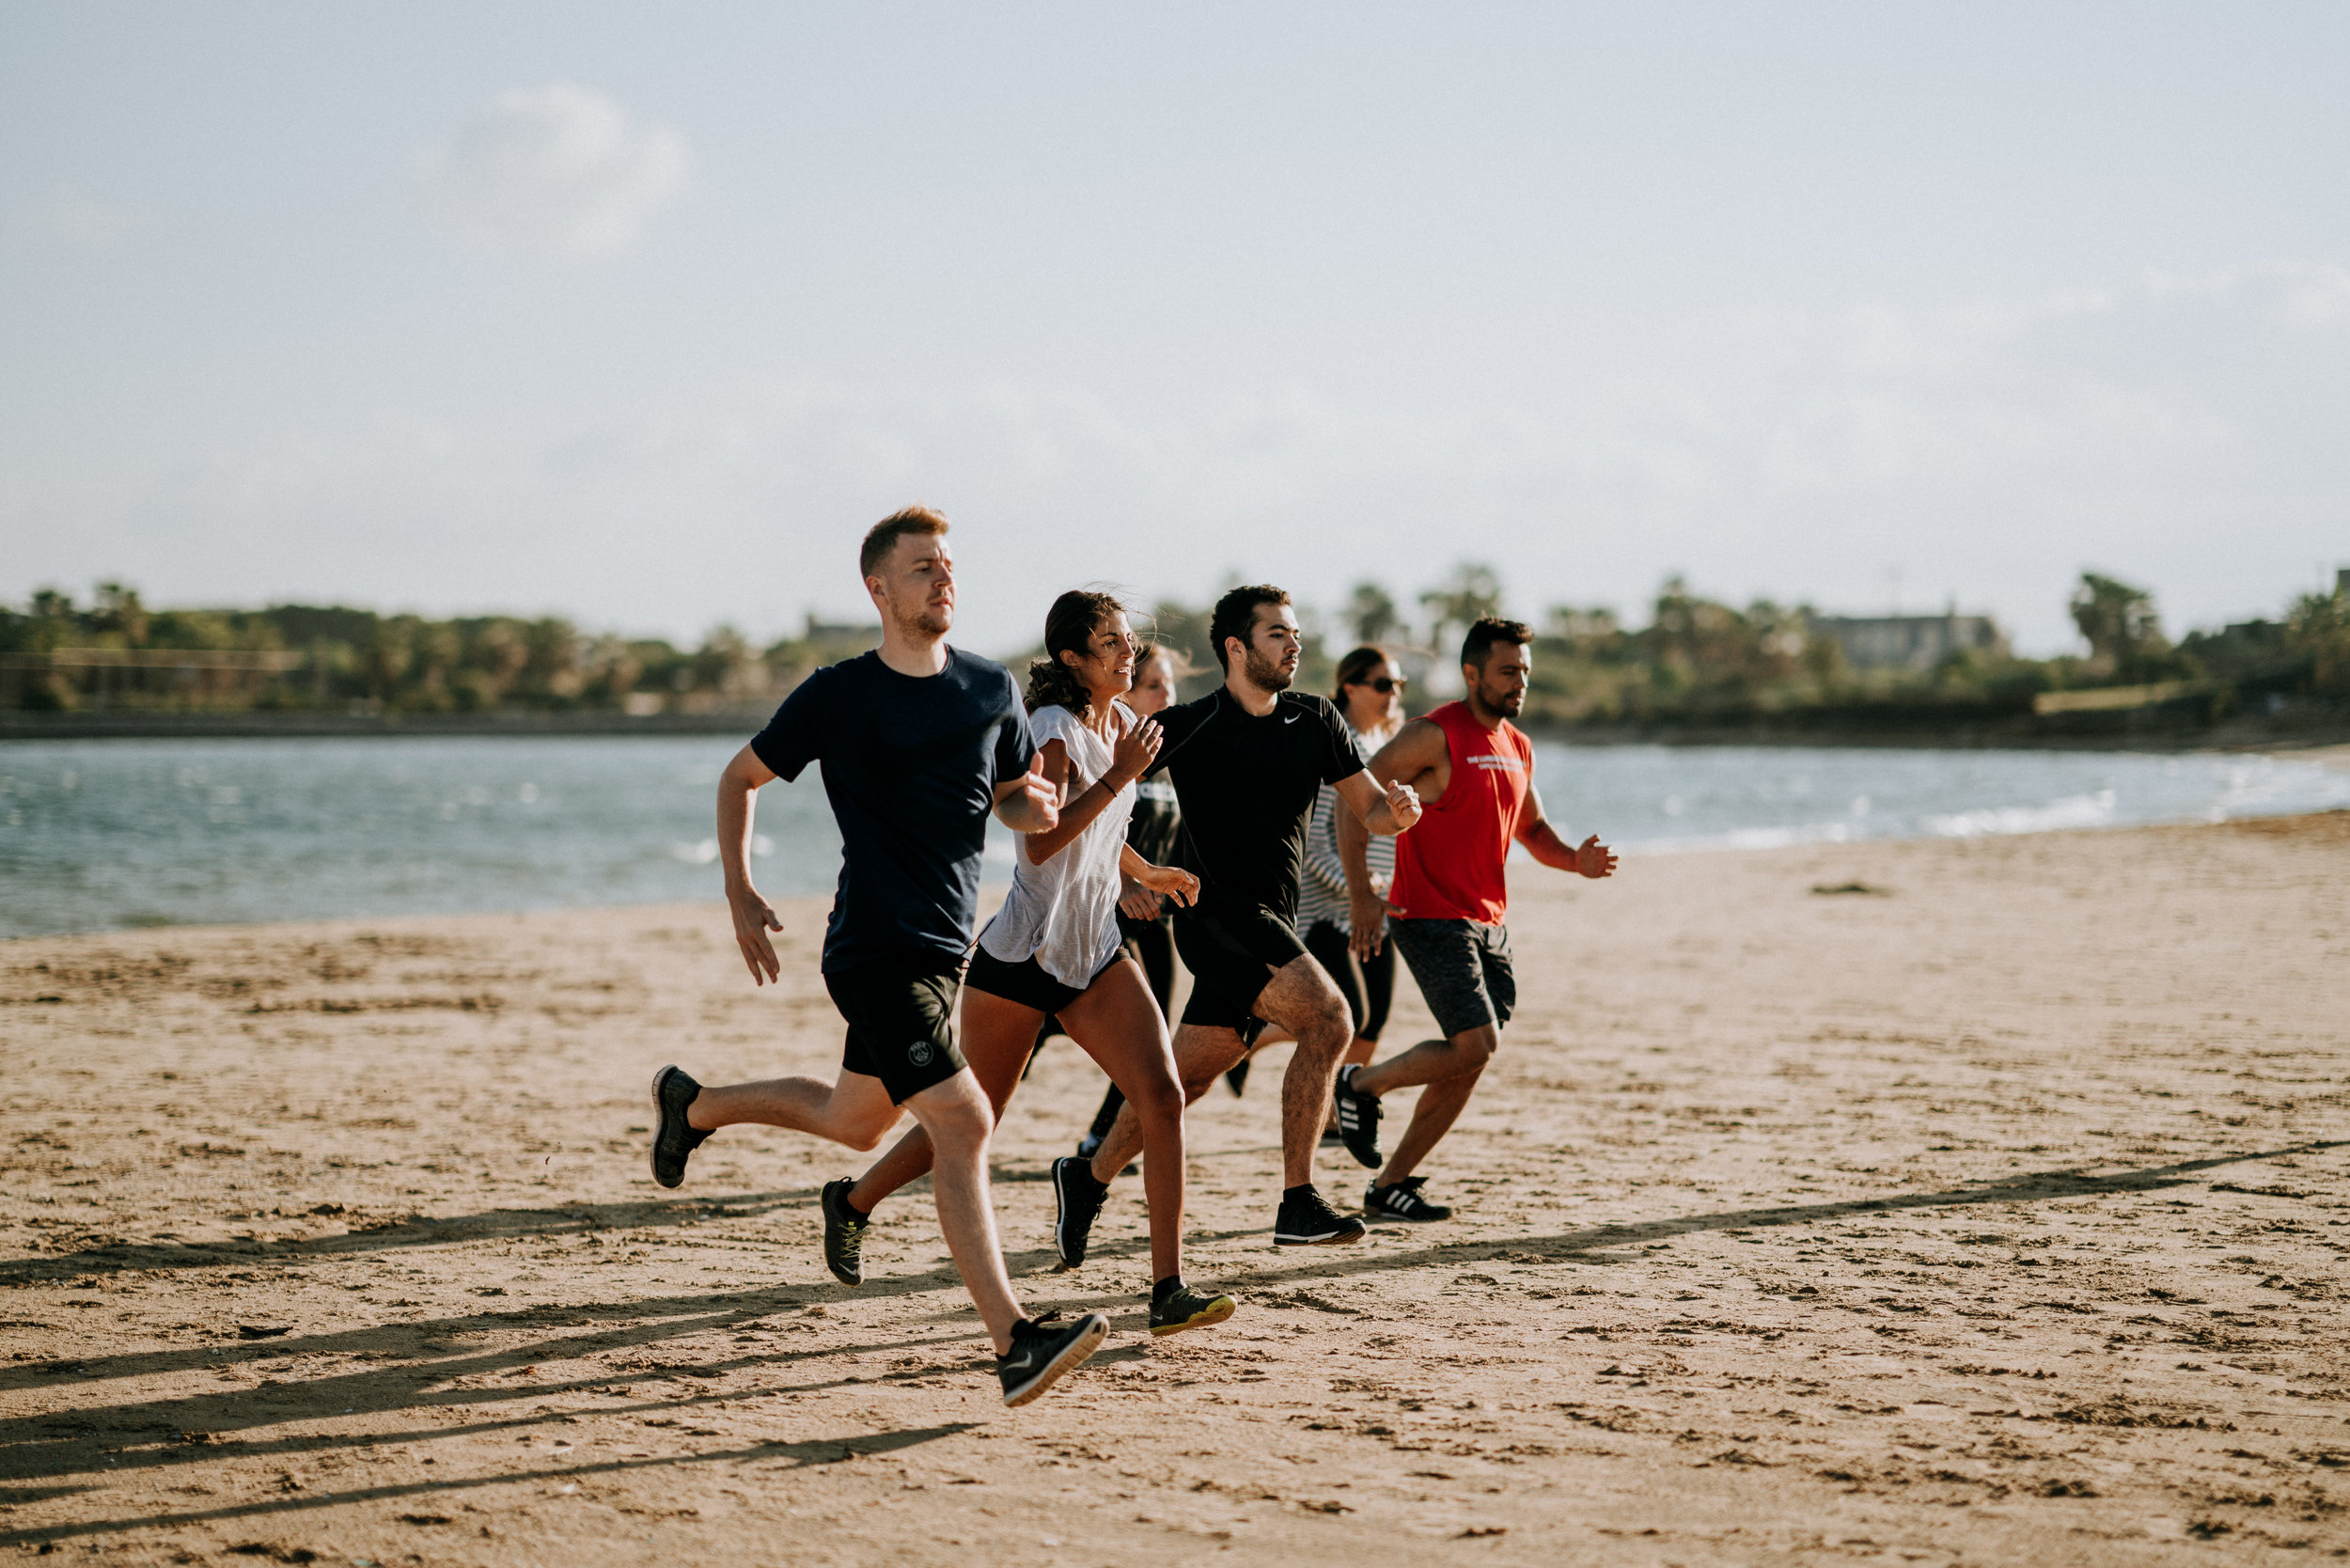 treat sport injuries